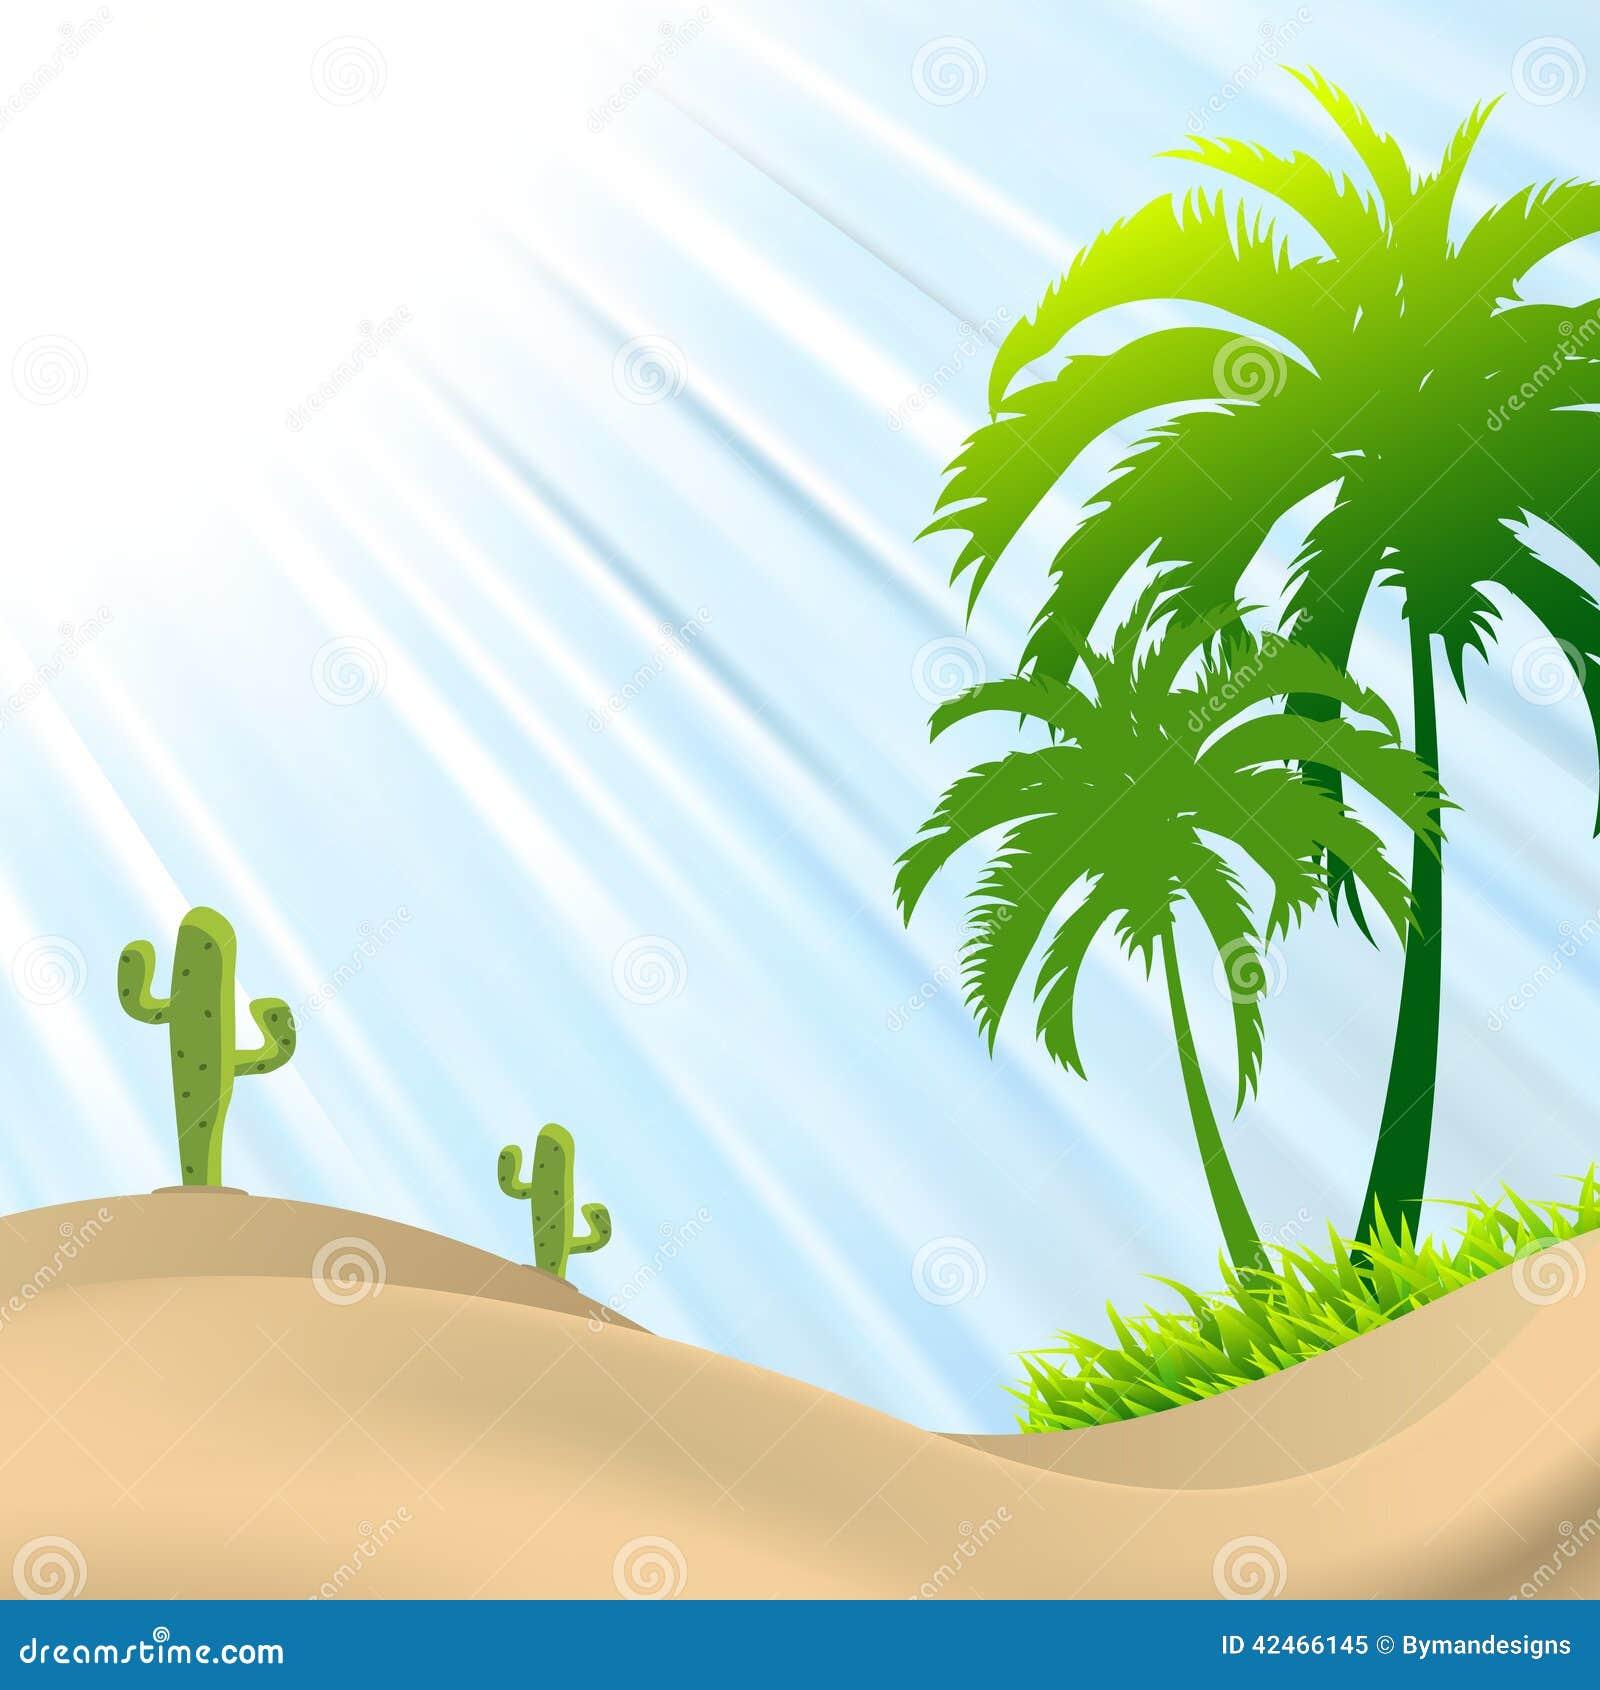 Illustration der Wüstenszene mit Palme, Kaktus, Sanddünen